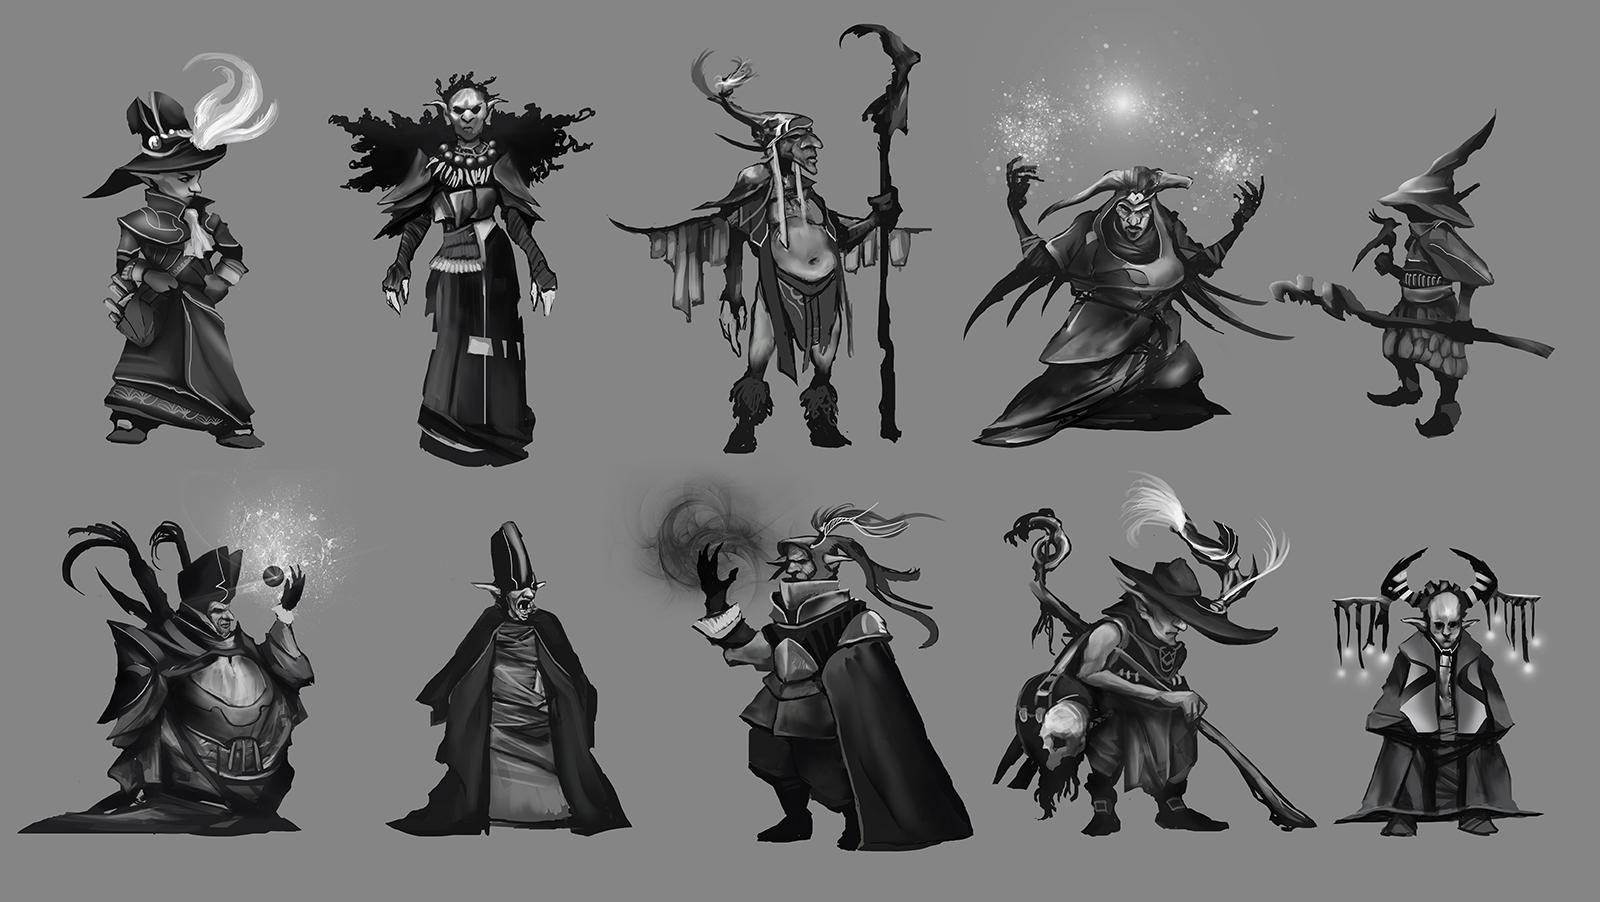 """[Horante] """" Mecha-shaman reloaded """" - Page 2 NicolasCamiade_Assignment01_Fantasy_GobelinSorceler"""